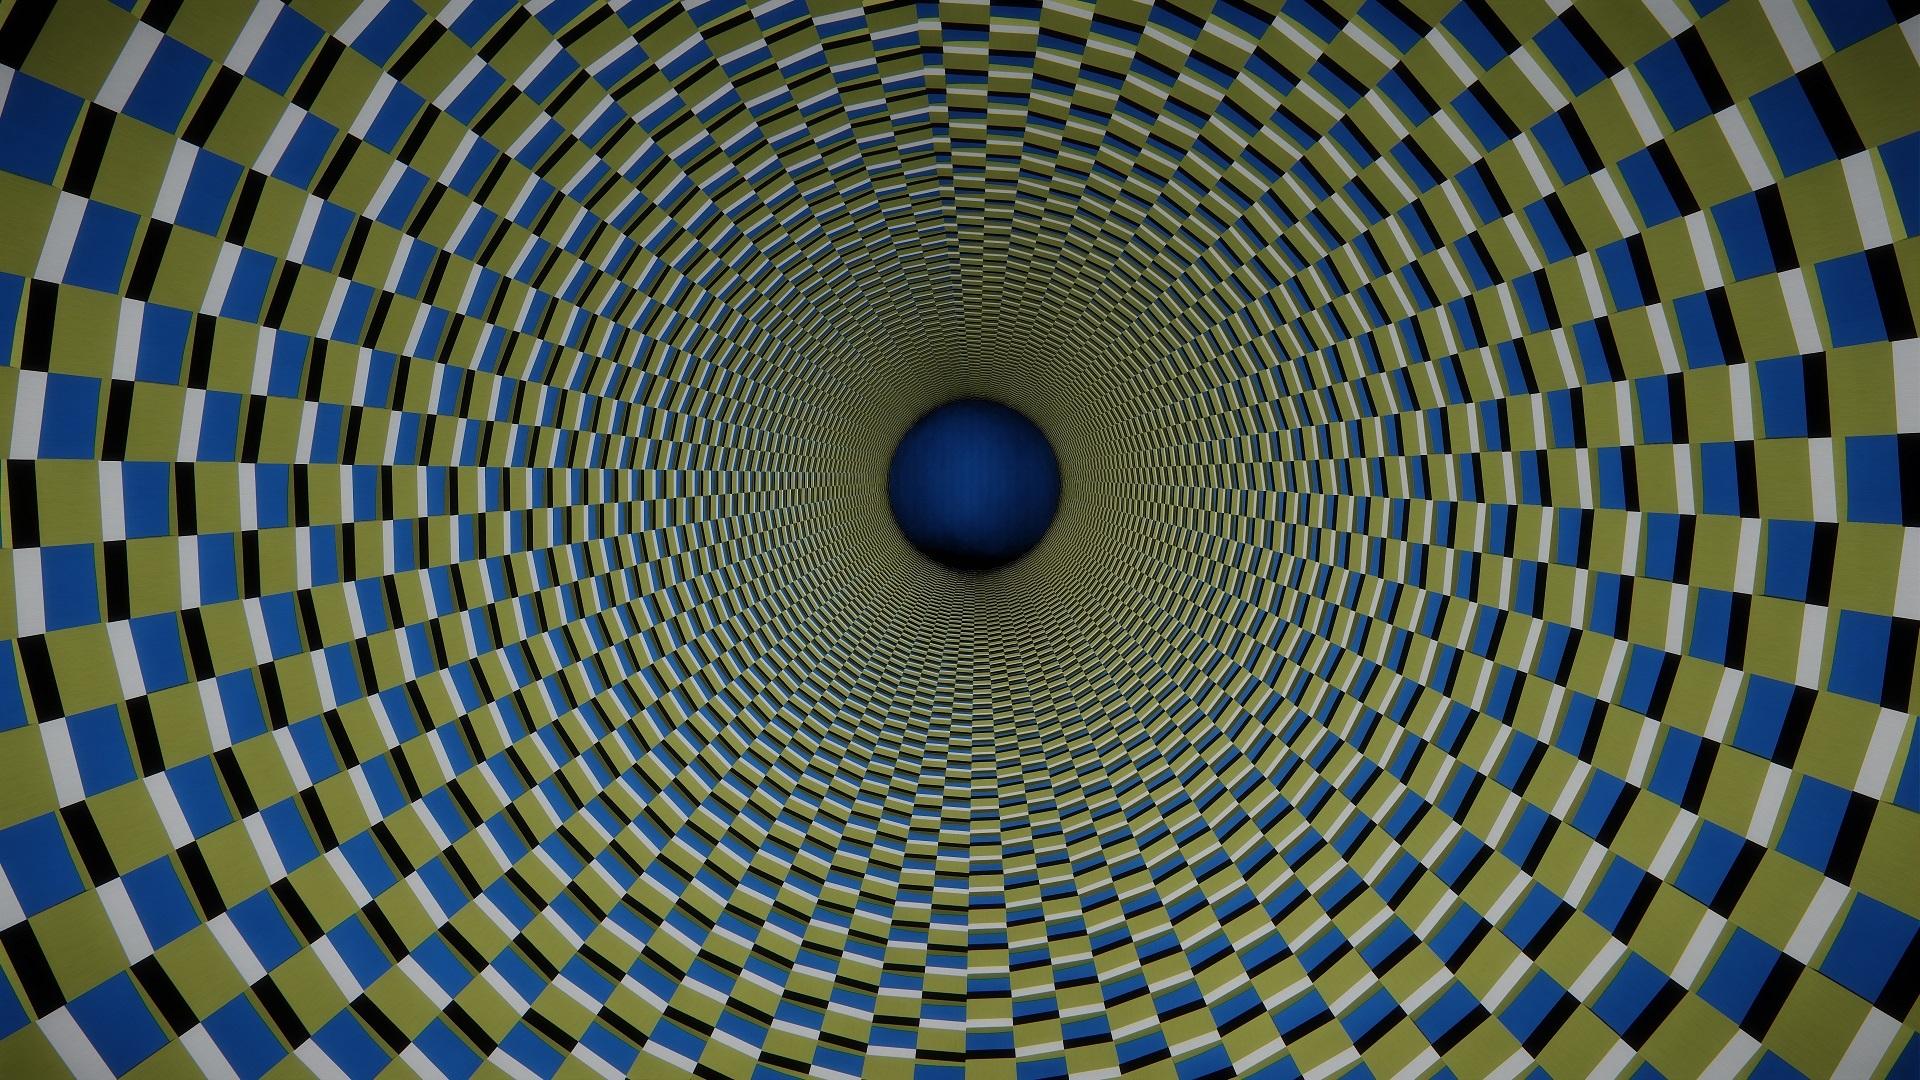 поэтому иллюзии обман зрения картинки фото один немаловажный плюс